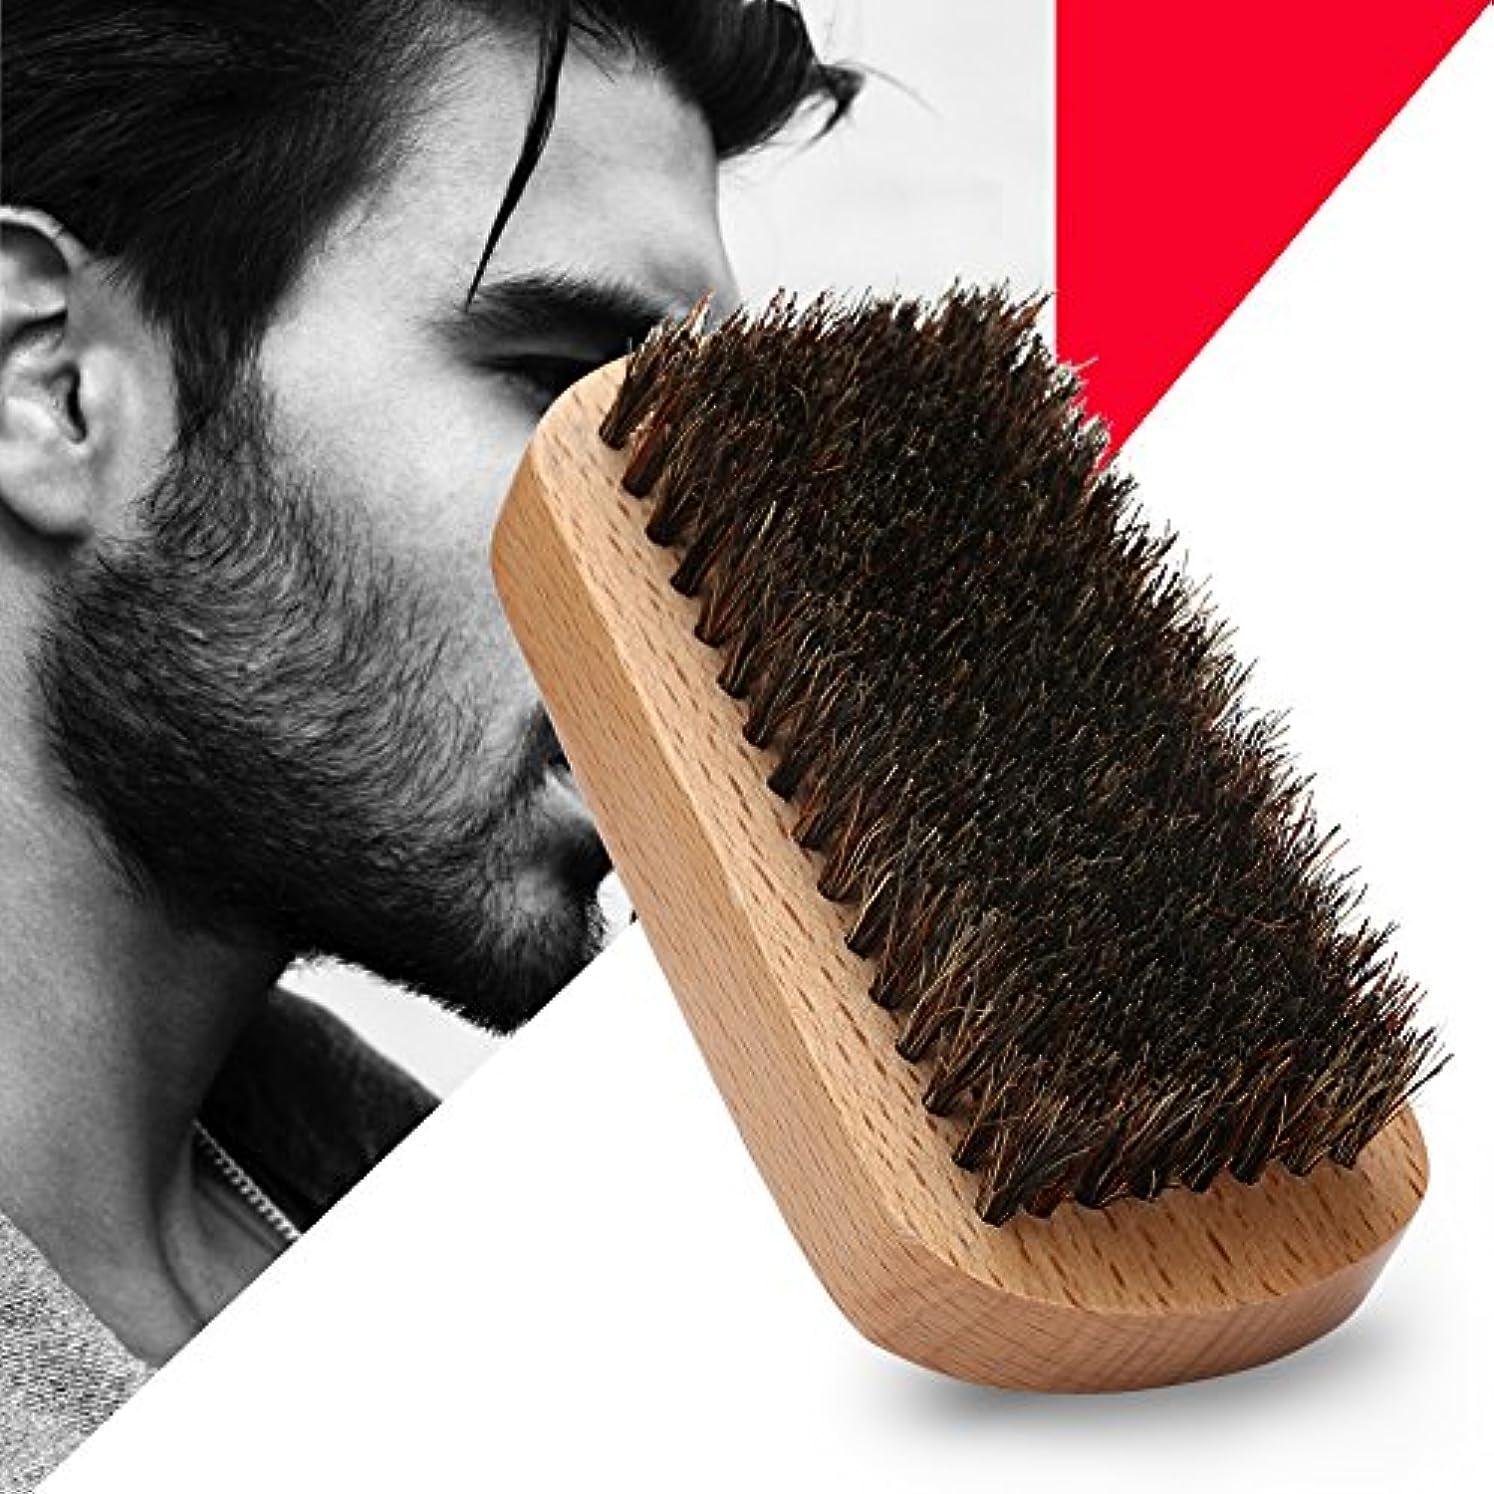 道徳の学部長パースシェービングブラシ メンズ ウッド 豚剛毛 クリーニング 髭剃り 泡立ち 洗顔ブラシ メンズ ブラック 長方形